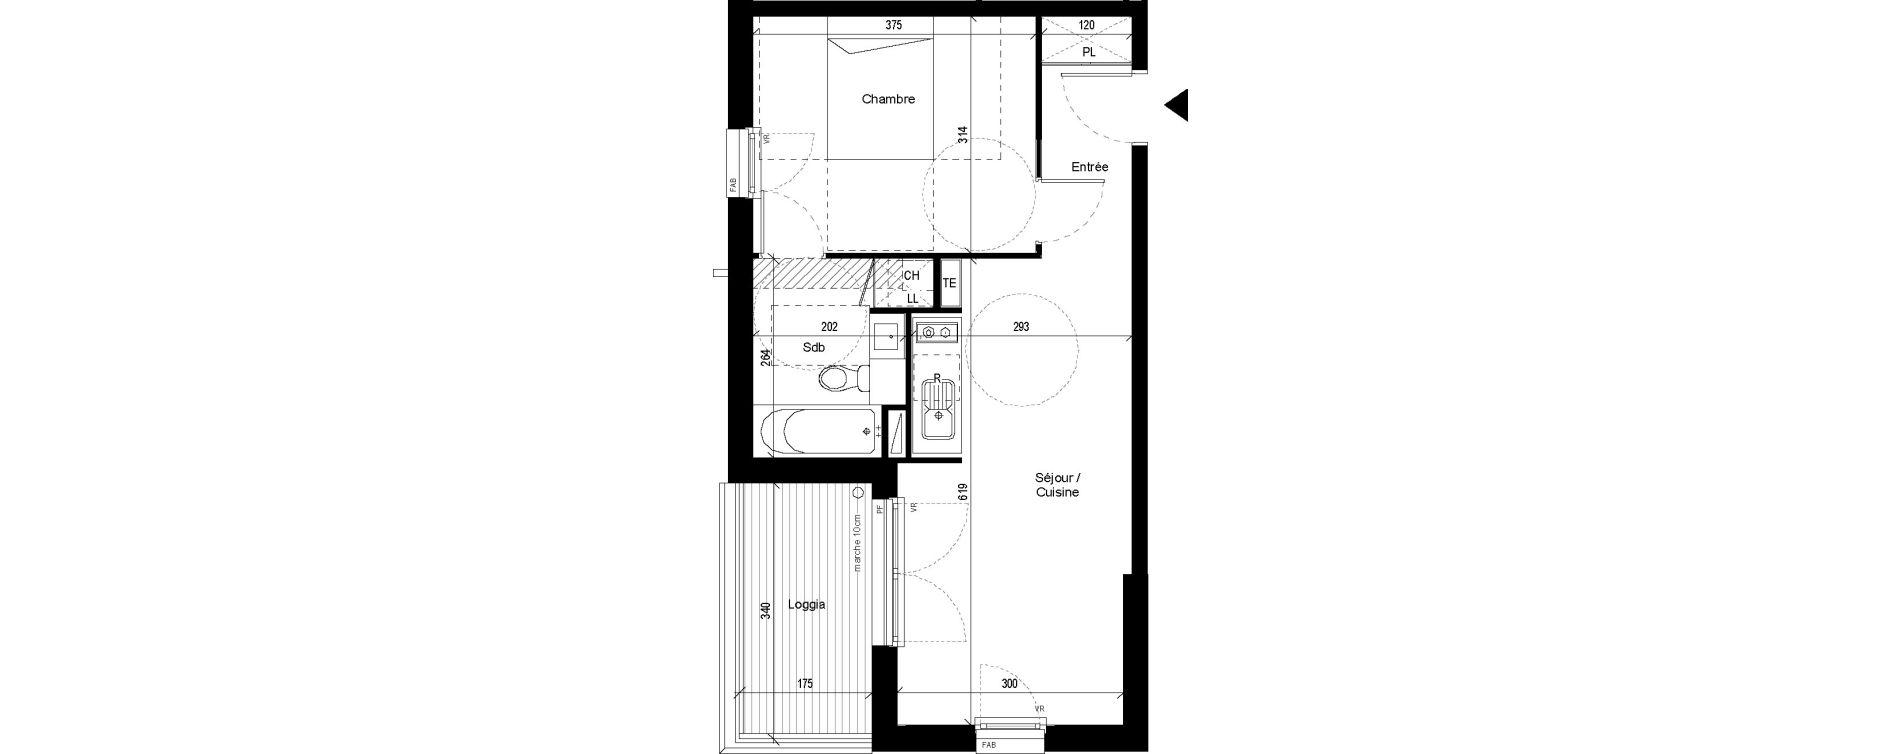 Appartement T2 de 38,66 m2 à Saint-Jory Centre